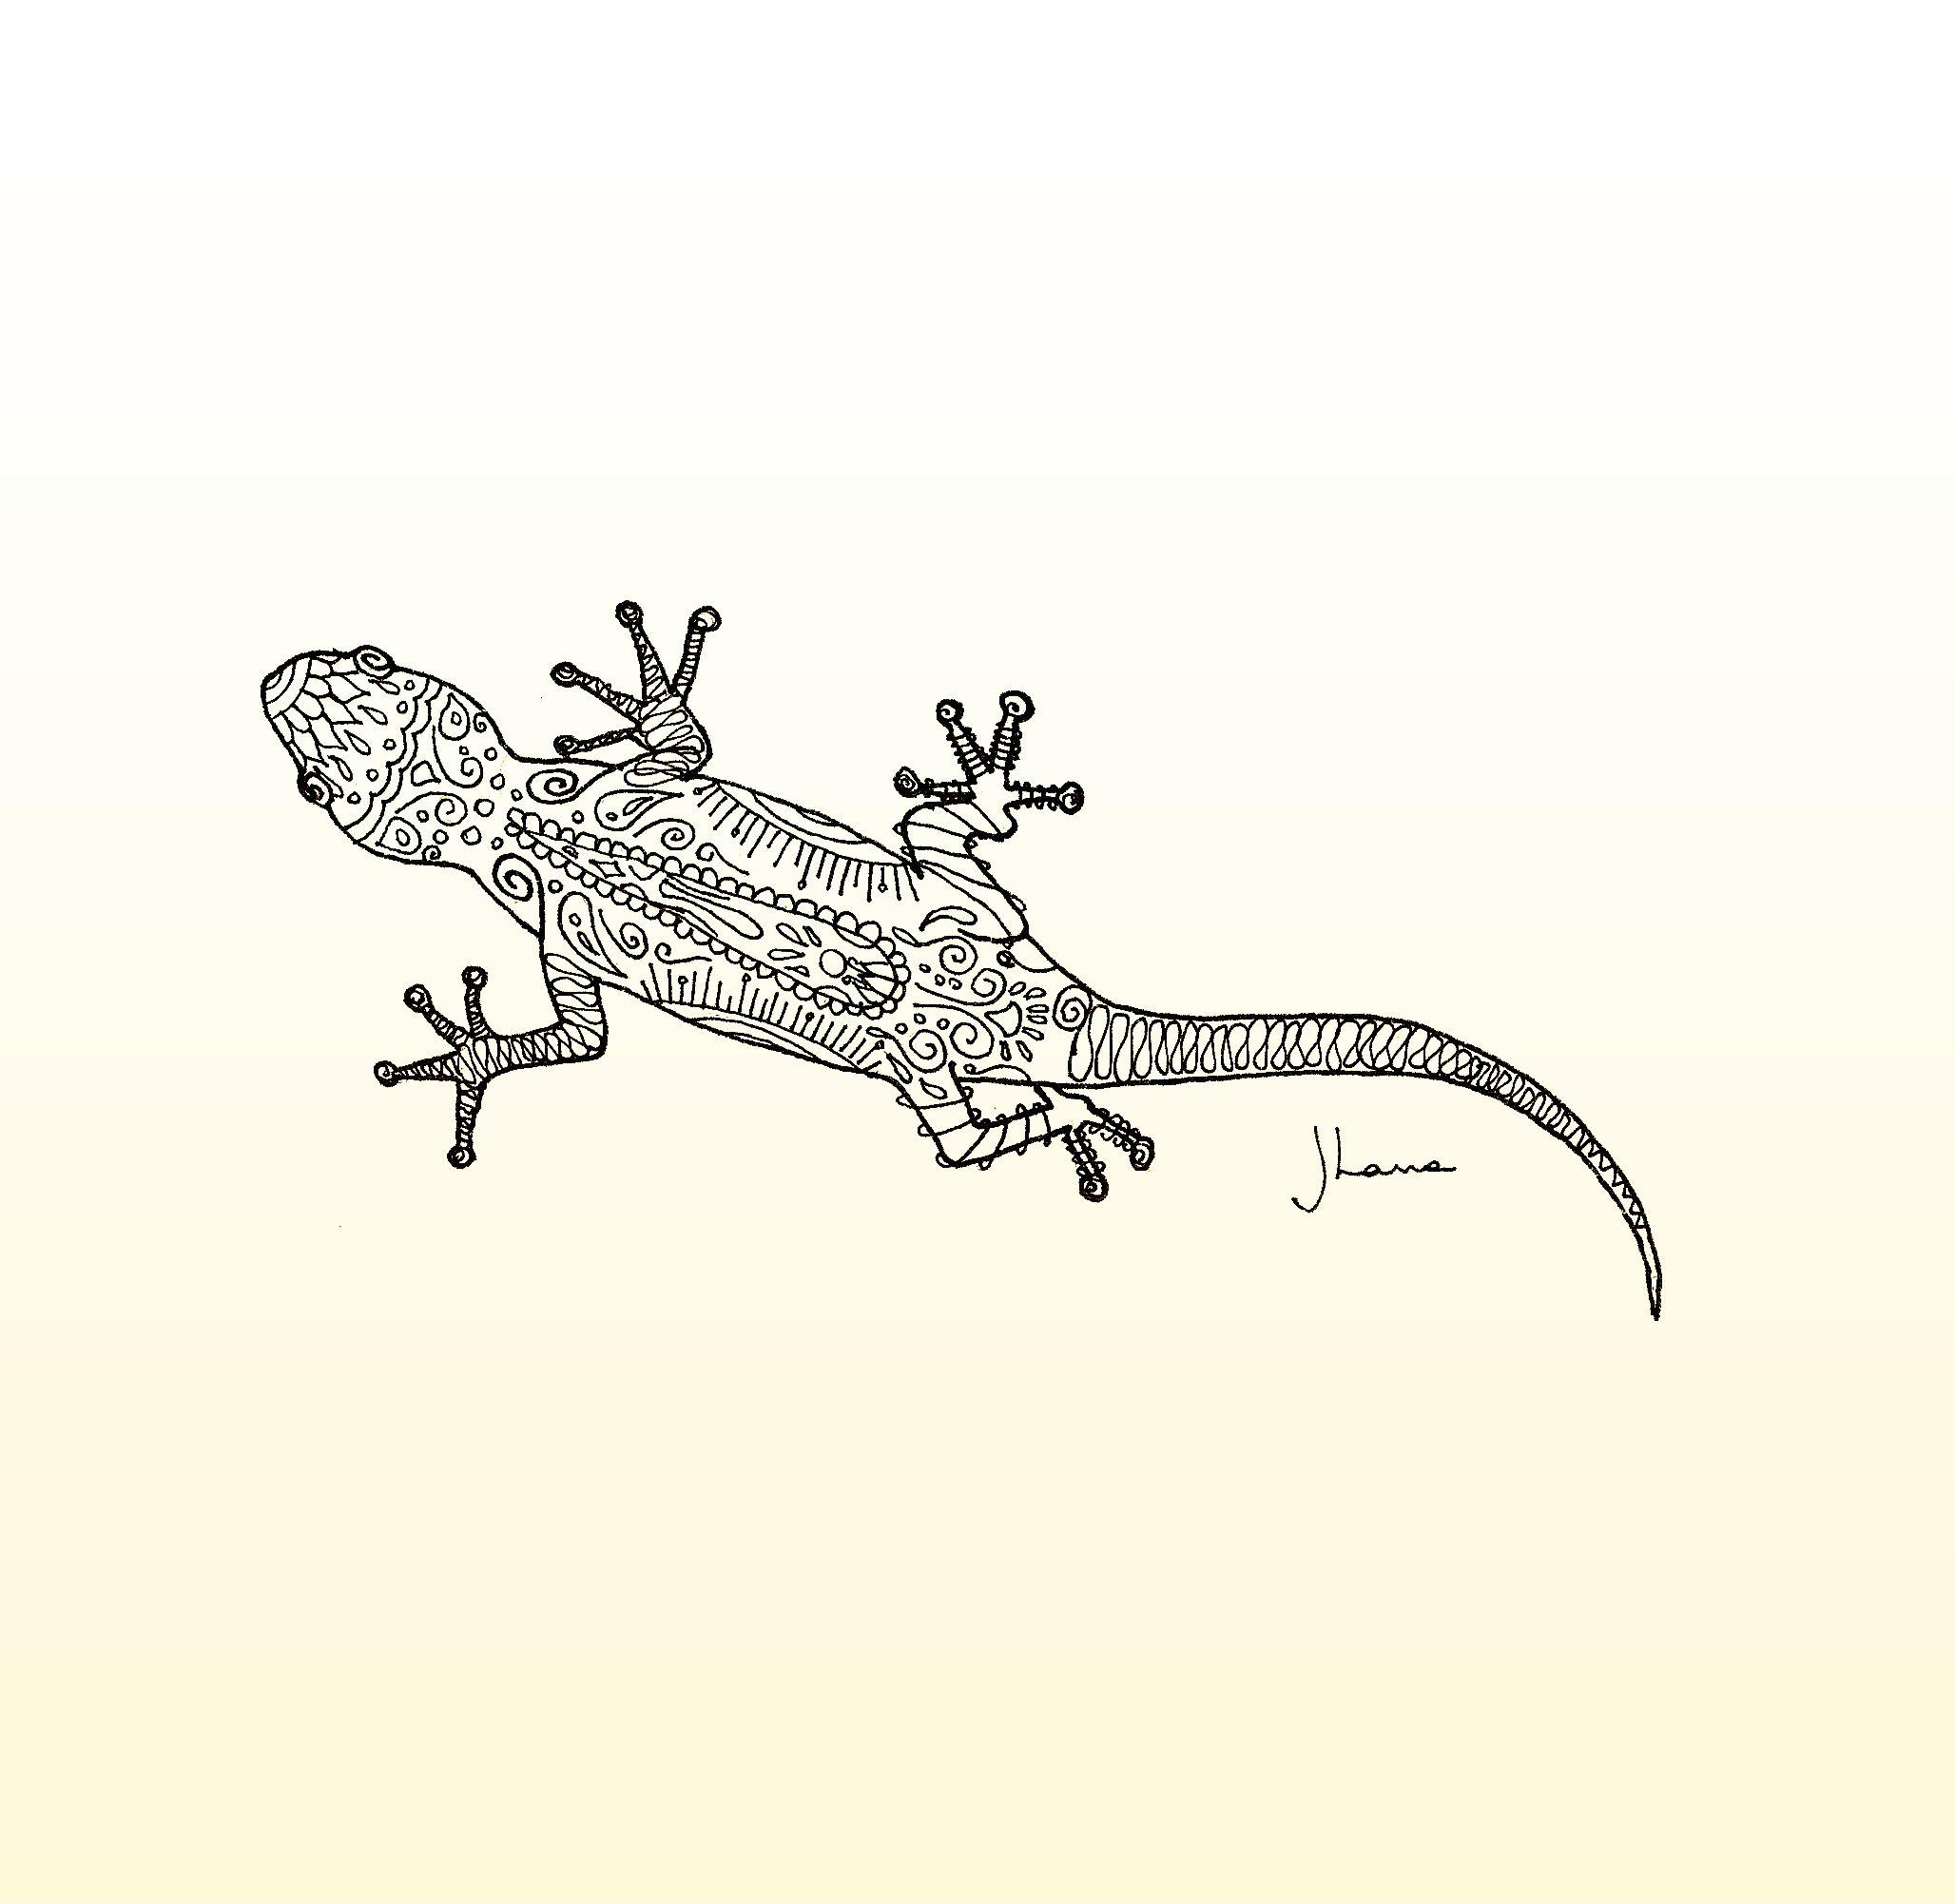 Gecko Elementedenartsearch